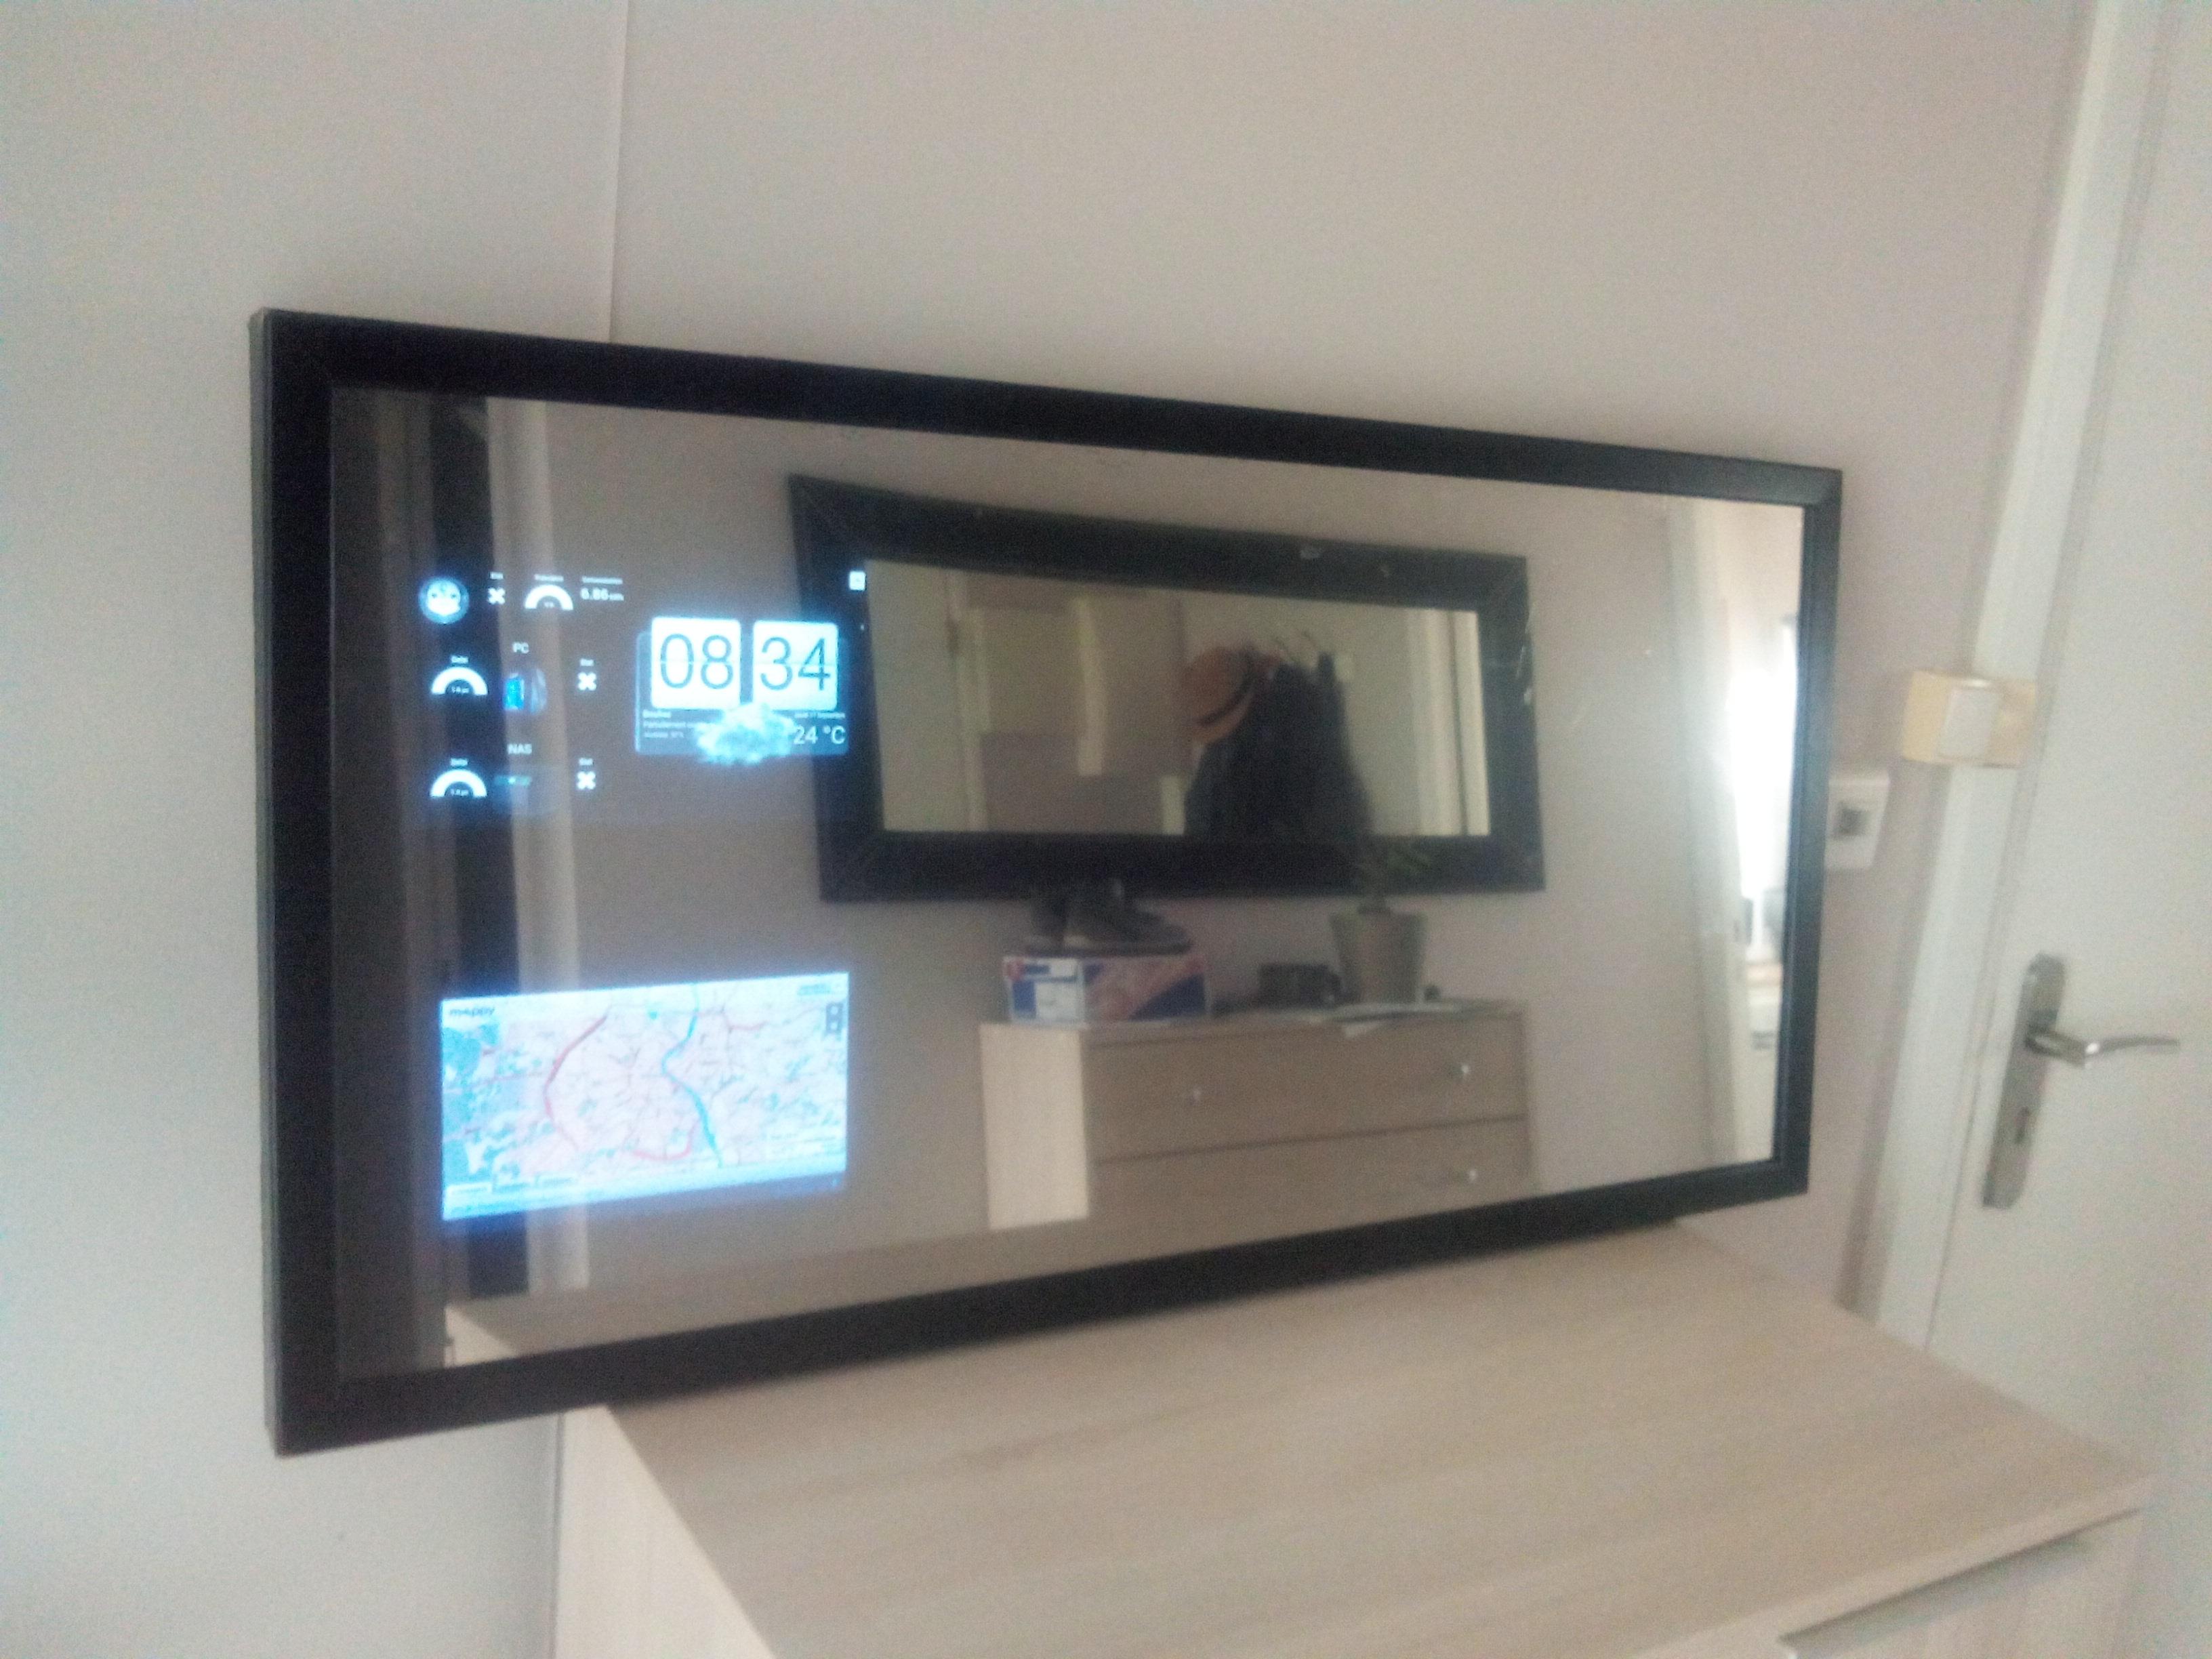 Fabrication Dun Miroir Connecté Domotique Technoseb27